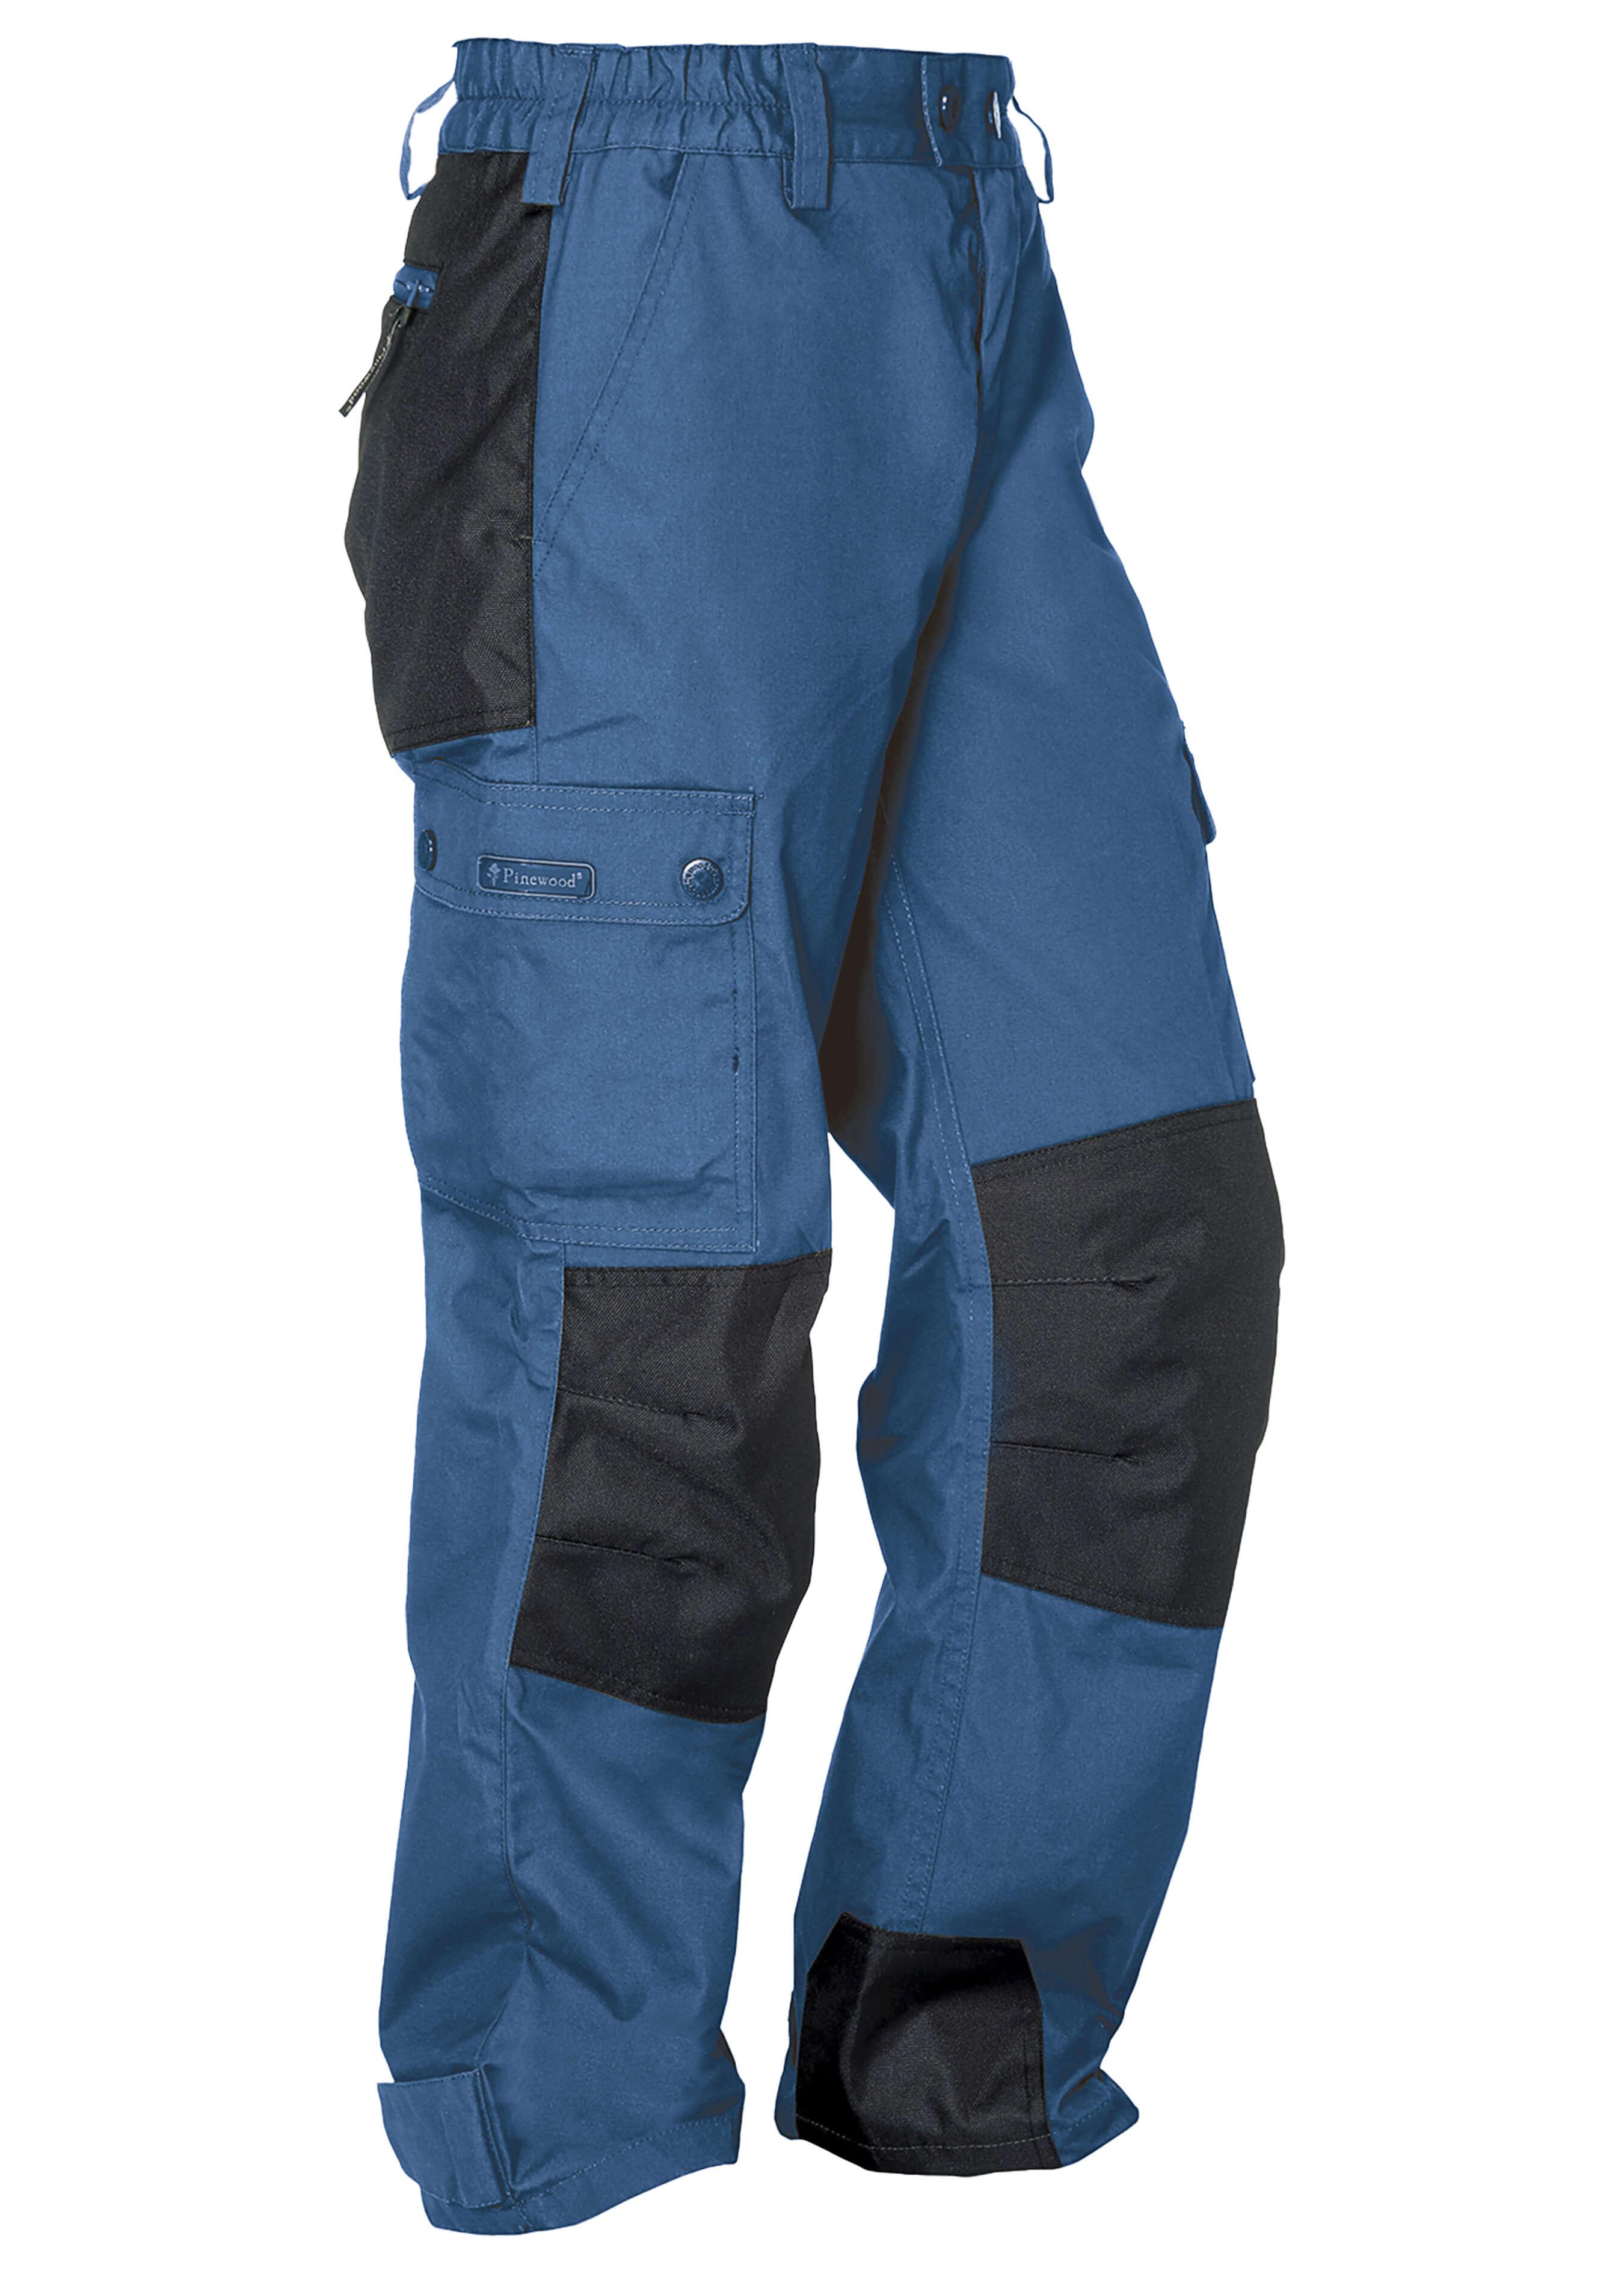 Pantalon d'extérieur robuste Lappland pour enfant 268632116 1